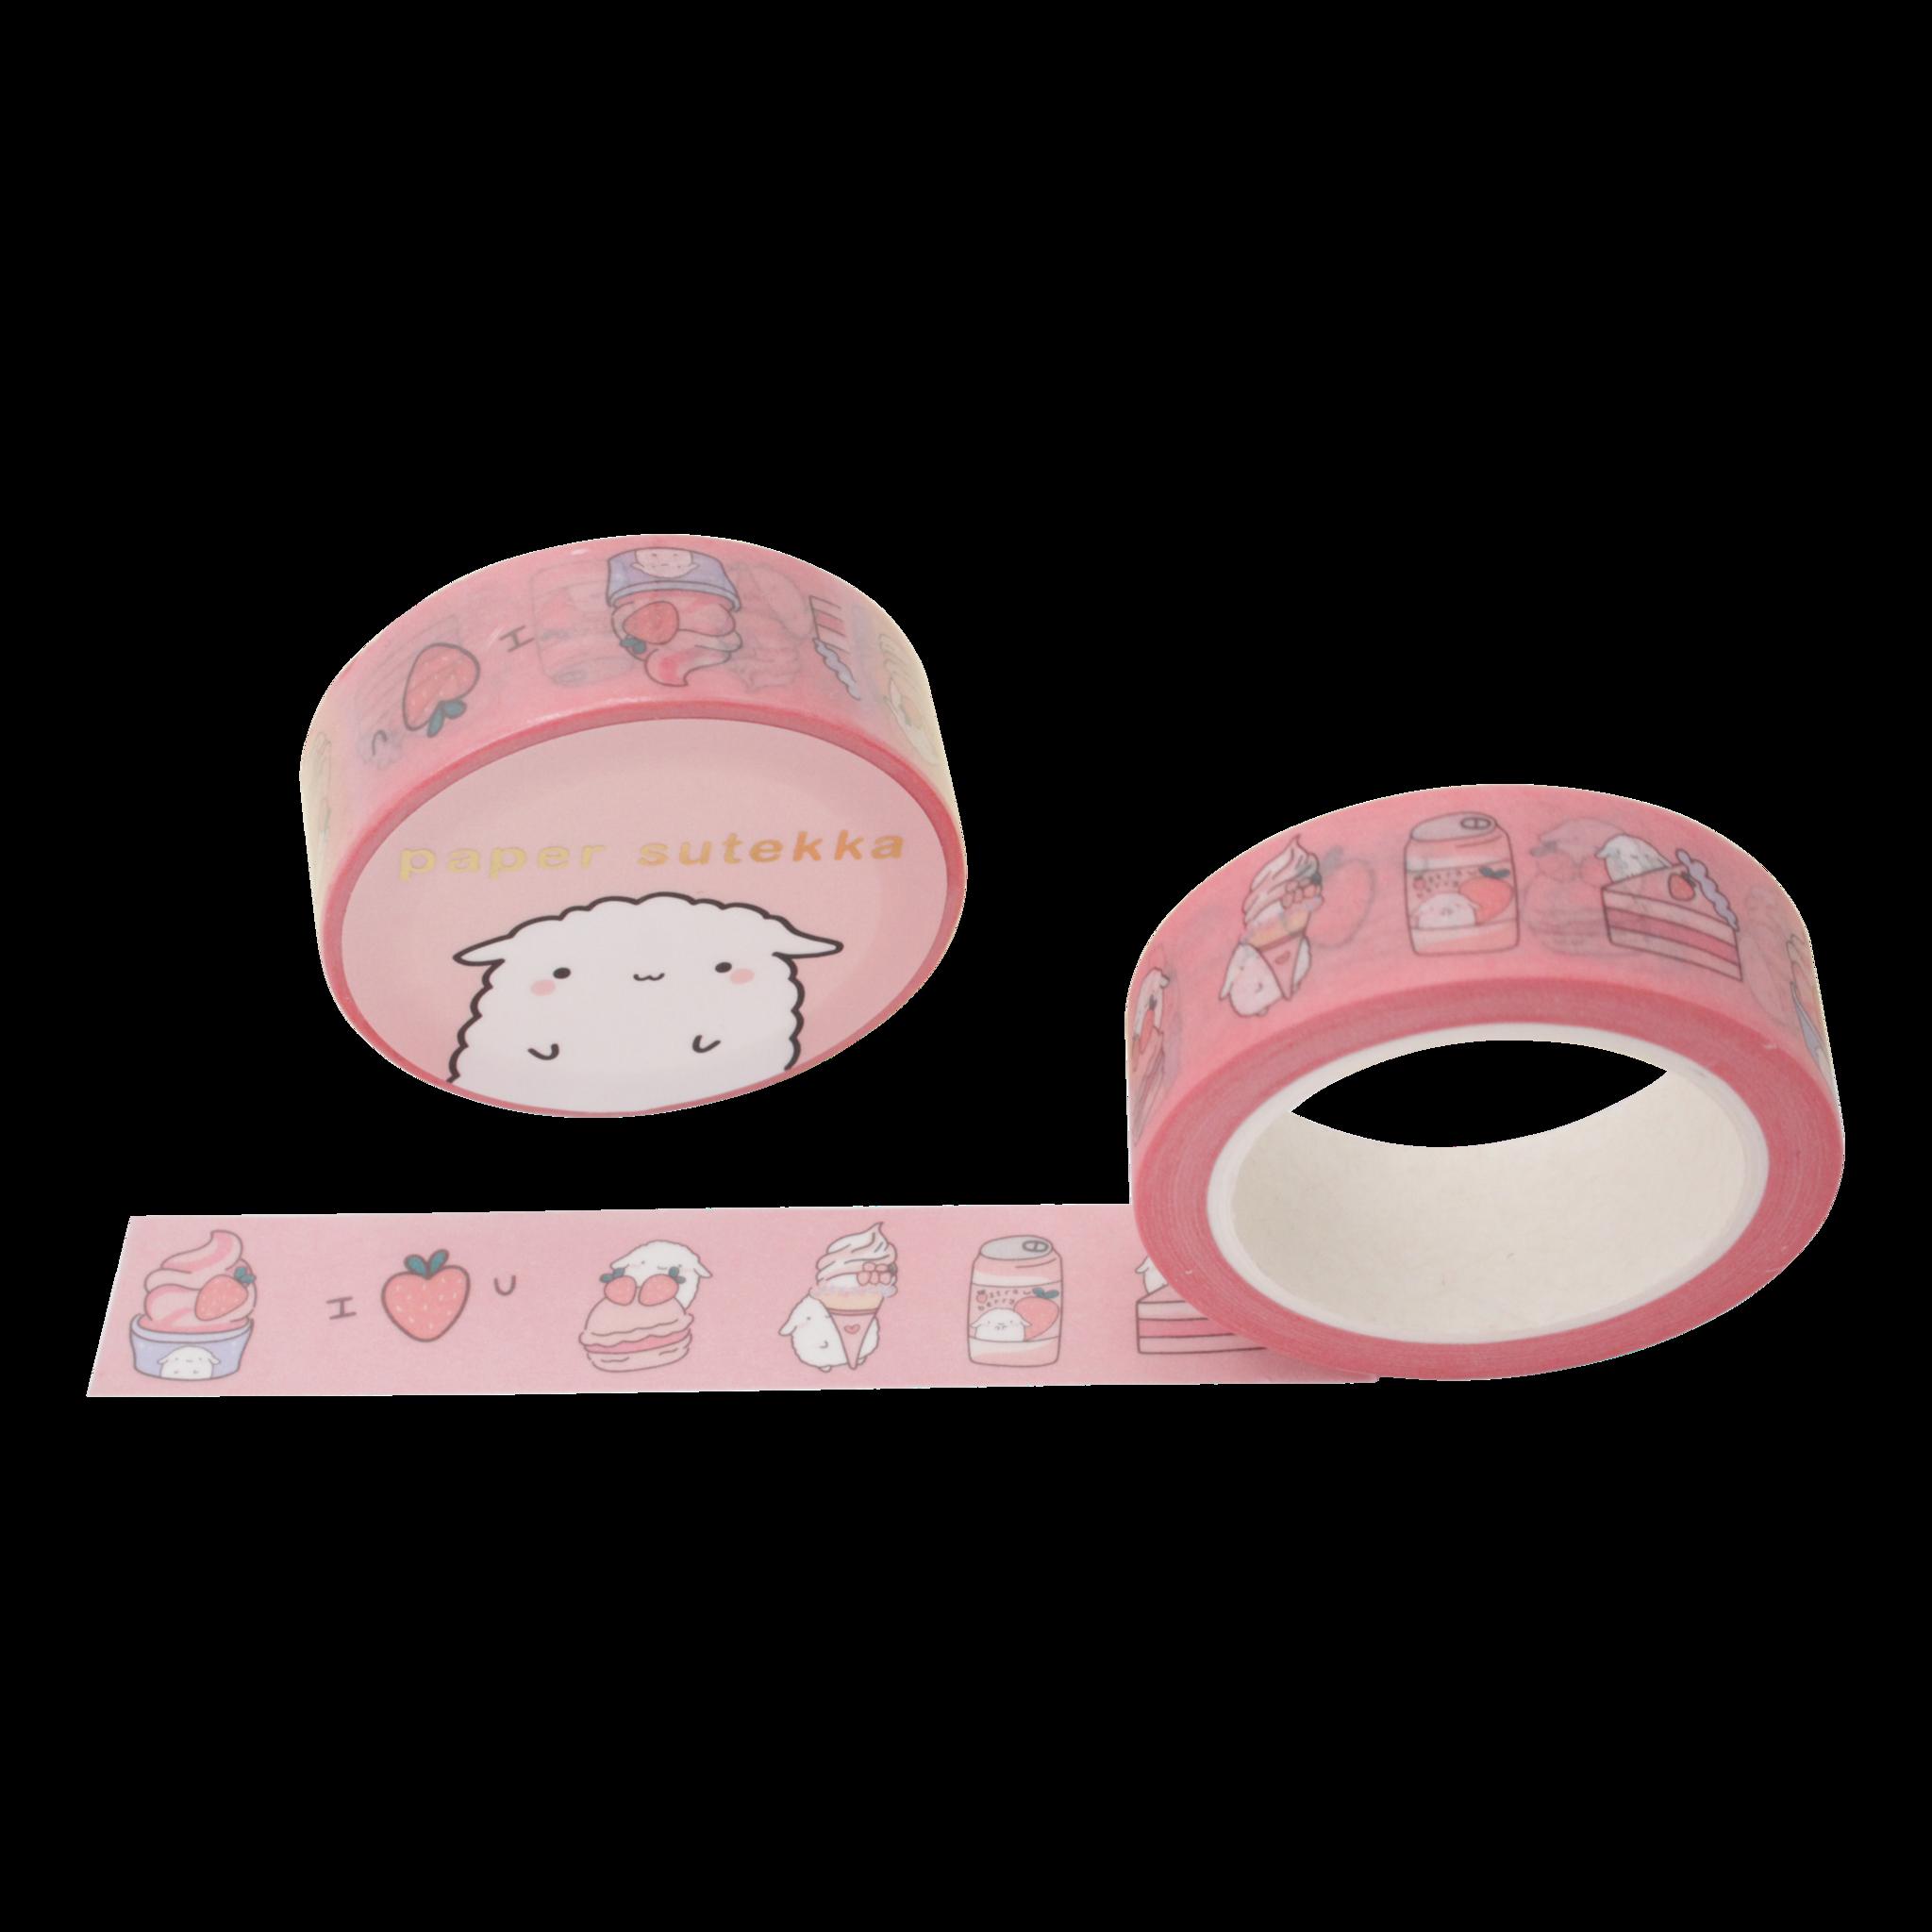 Paper Sutekka Washi Tape - Mochi Strawberry Desserts